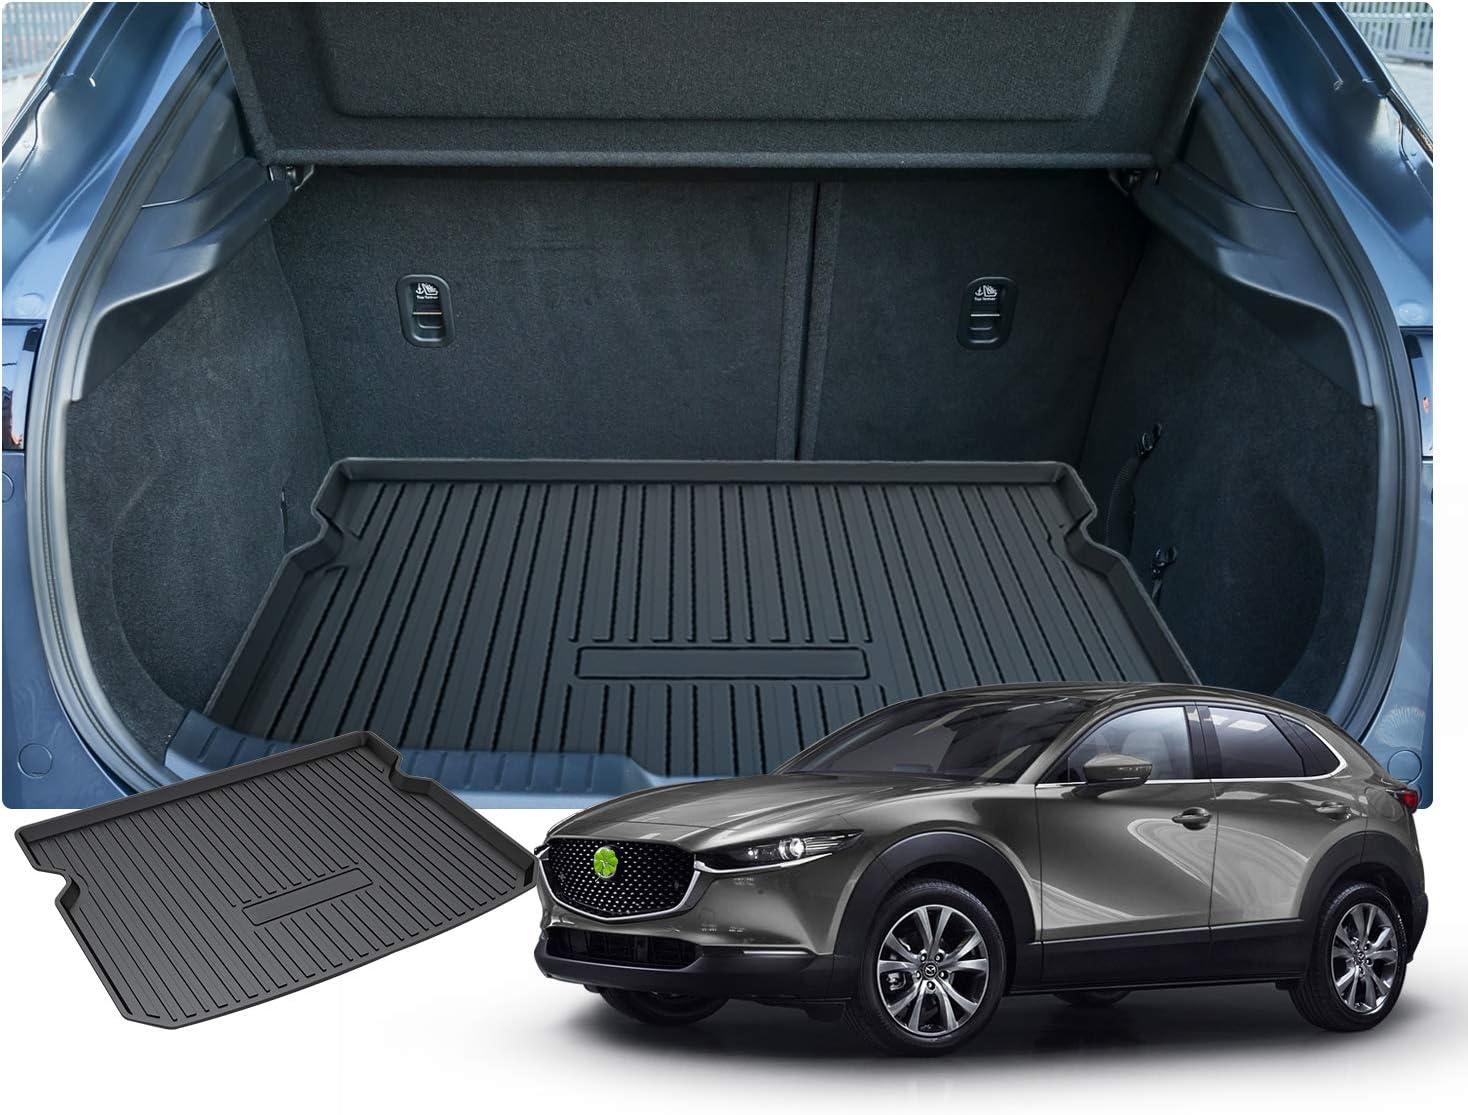 Gummi-Kofferraumwanne Kofferraummatte für Mazda CX5 II ab 2017